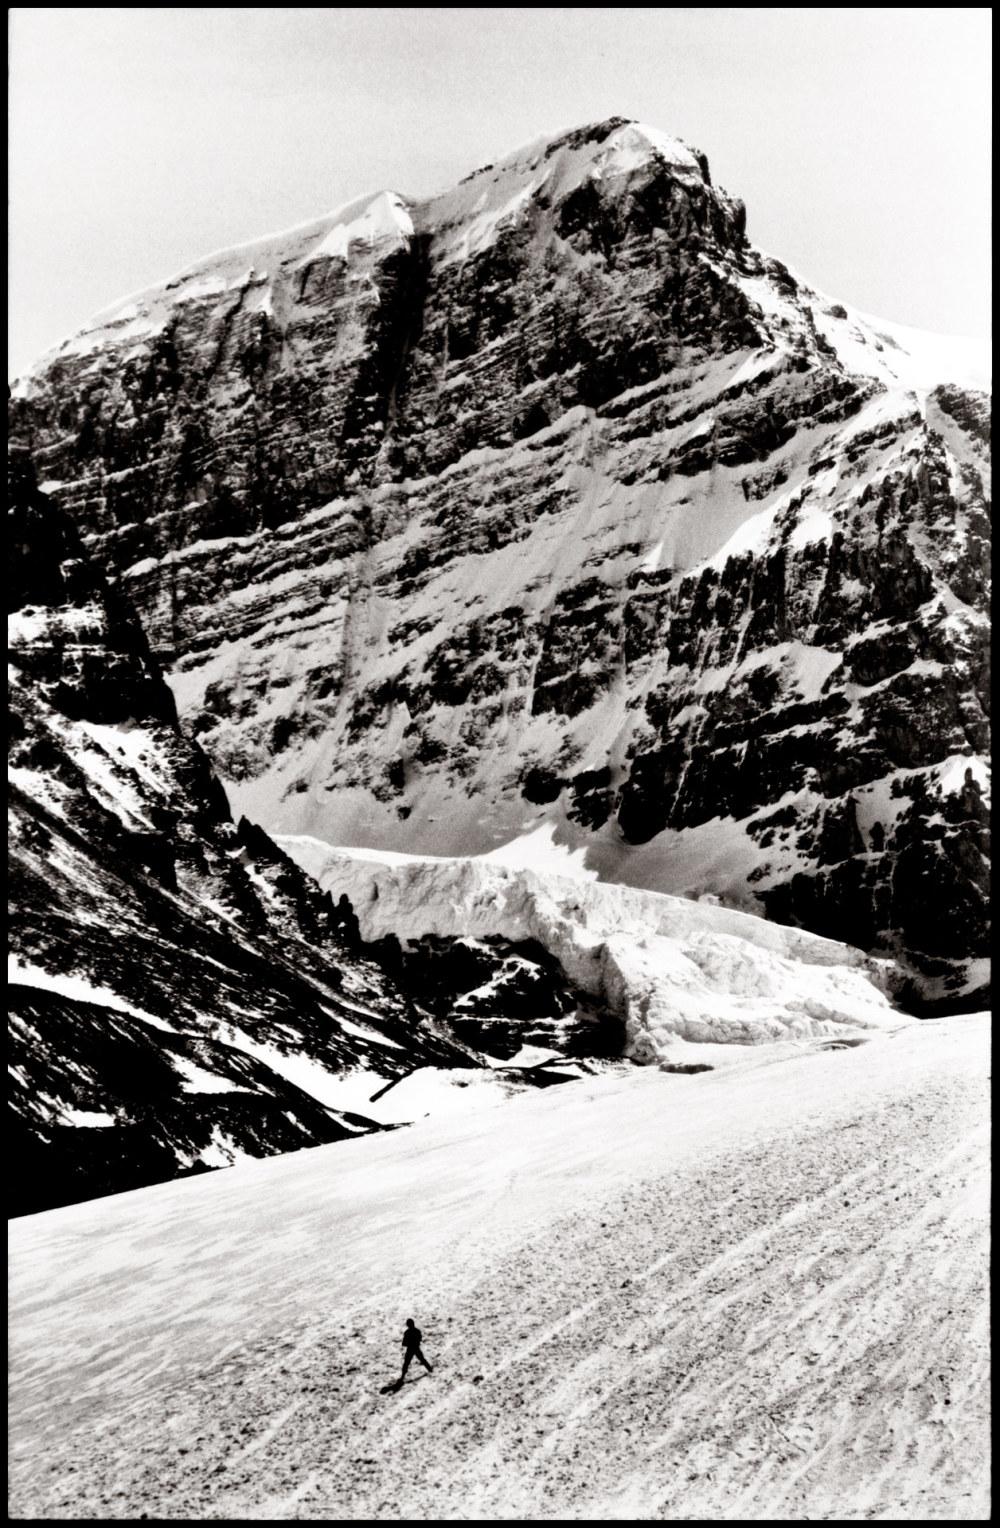 Walking on a glacier